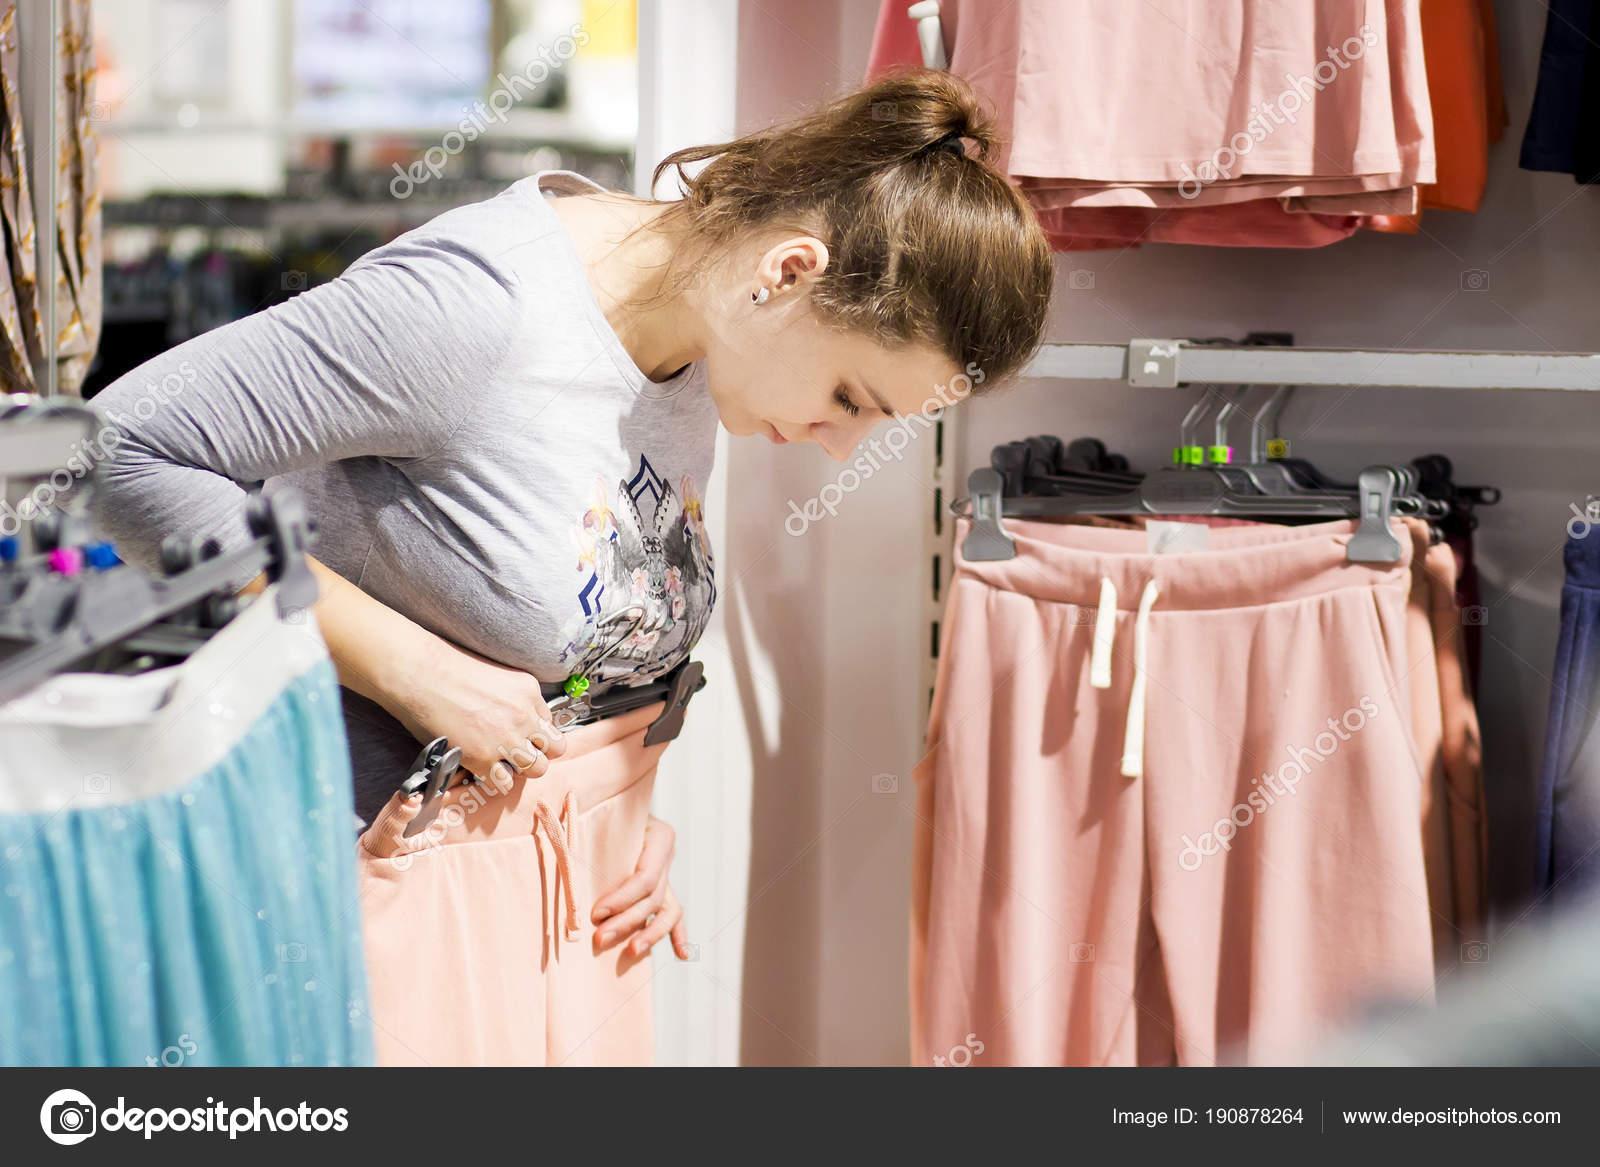 2dd8dc7e35811 Yeni şık kıyafetlere moda butik kız. genç kadın giyim mağaza satın alır.  Toplam satış